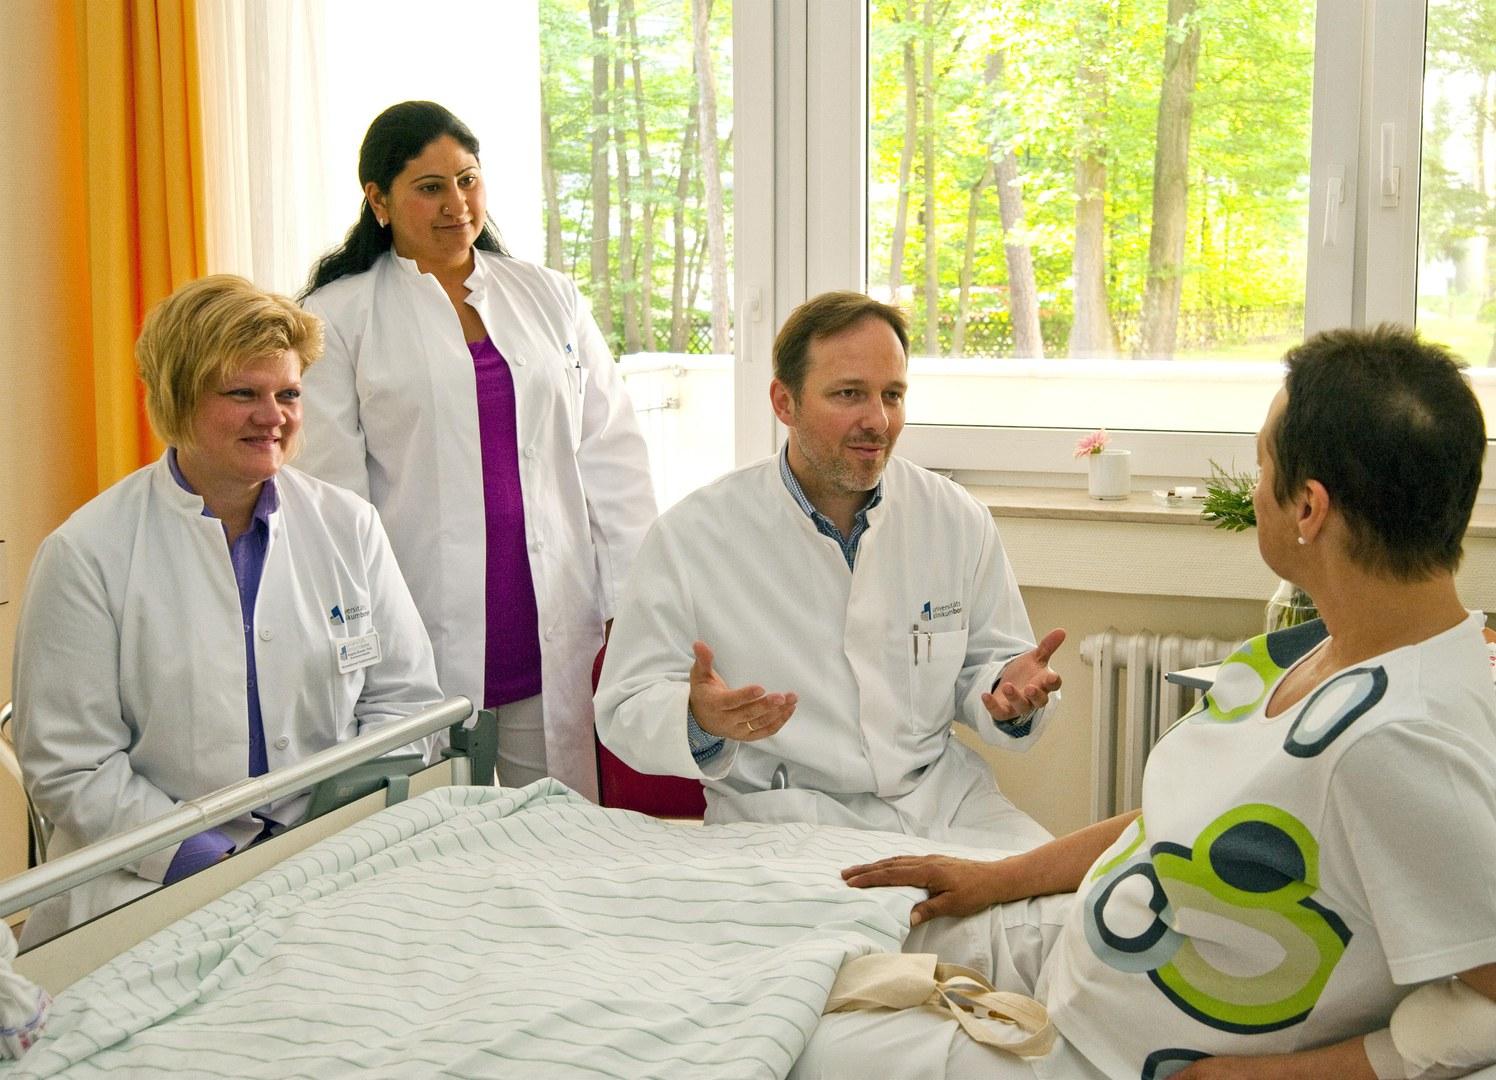 Das Palliativ-Team im Gespräch mit einer Patientin: